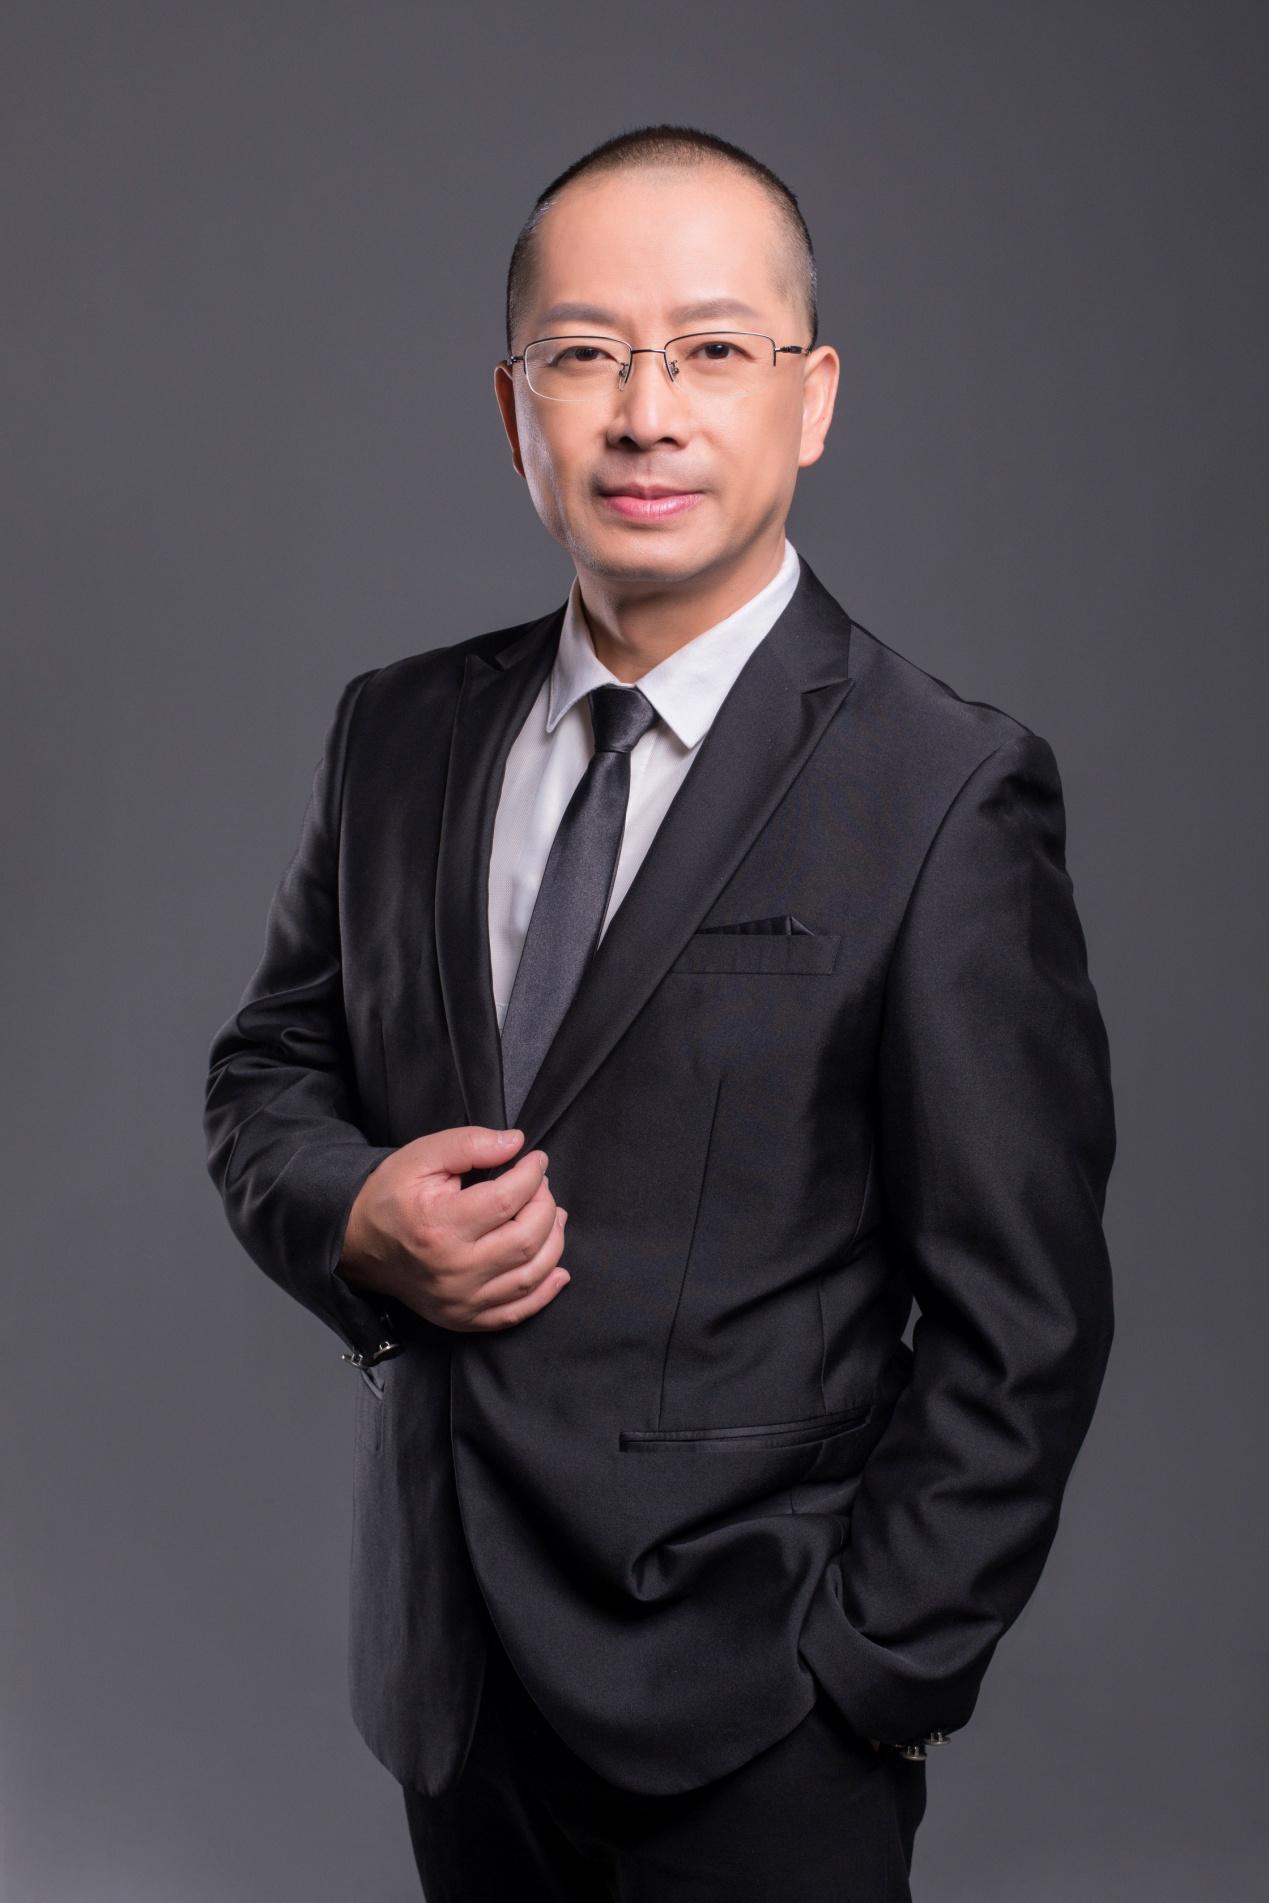 深圳市悦美莉医疗门诊部美容专家出镜:钟奇